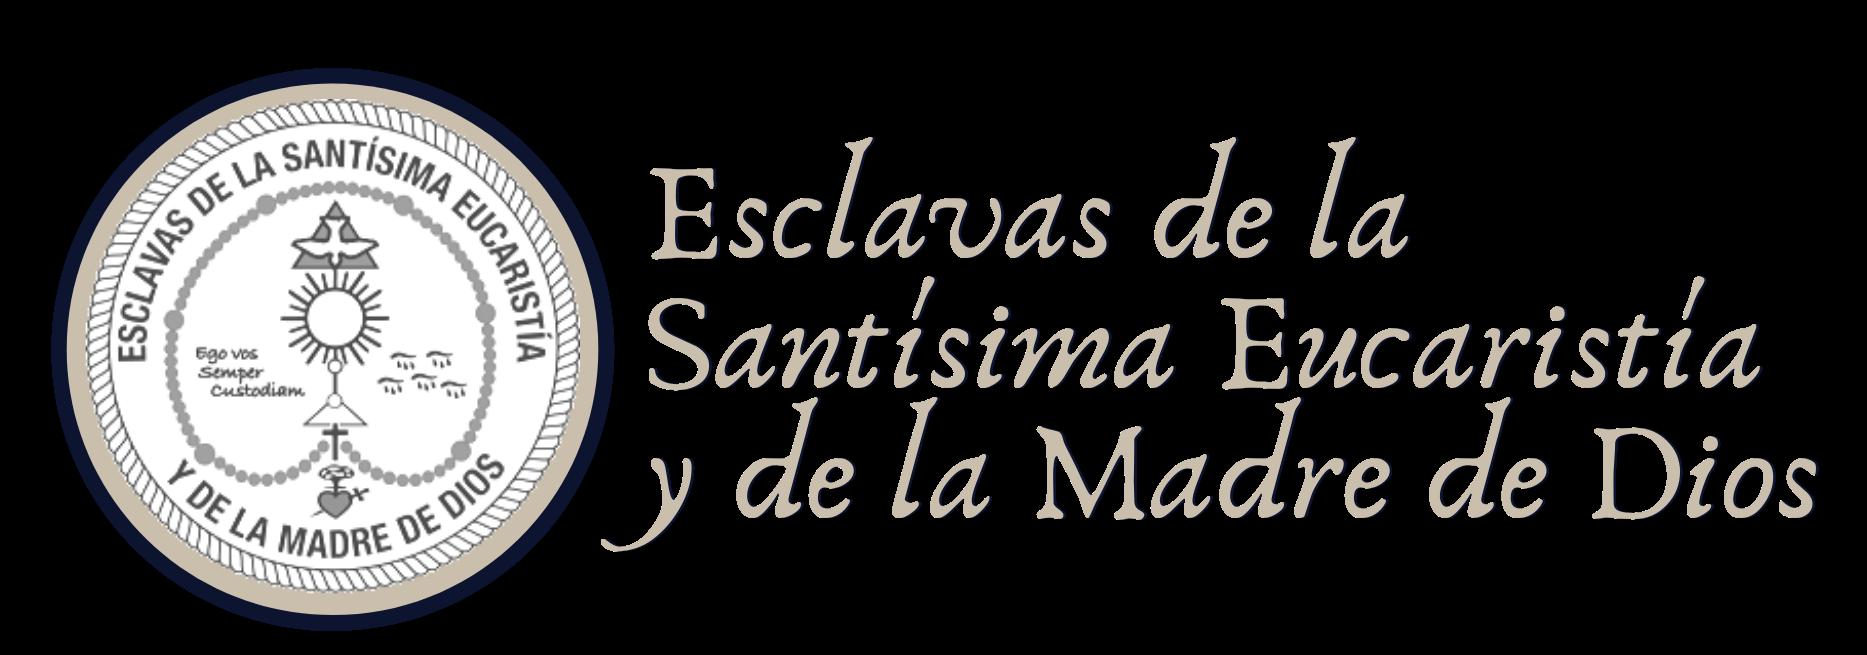 Esclavas de la Eucaristía